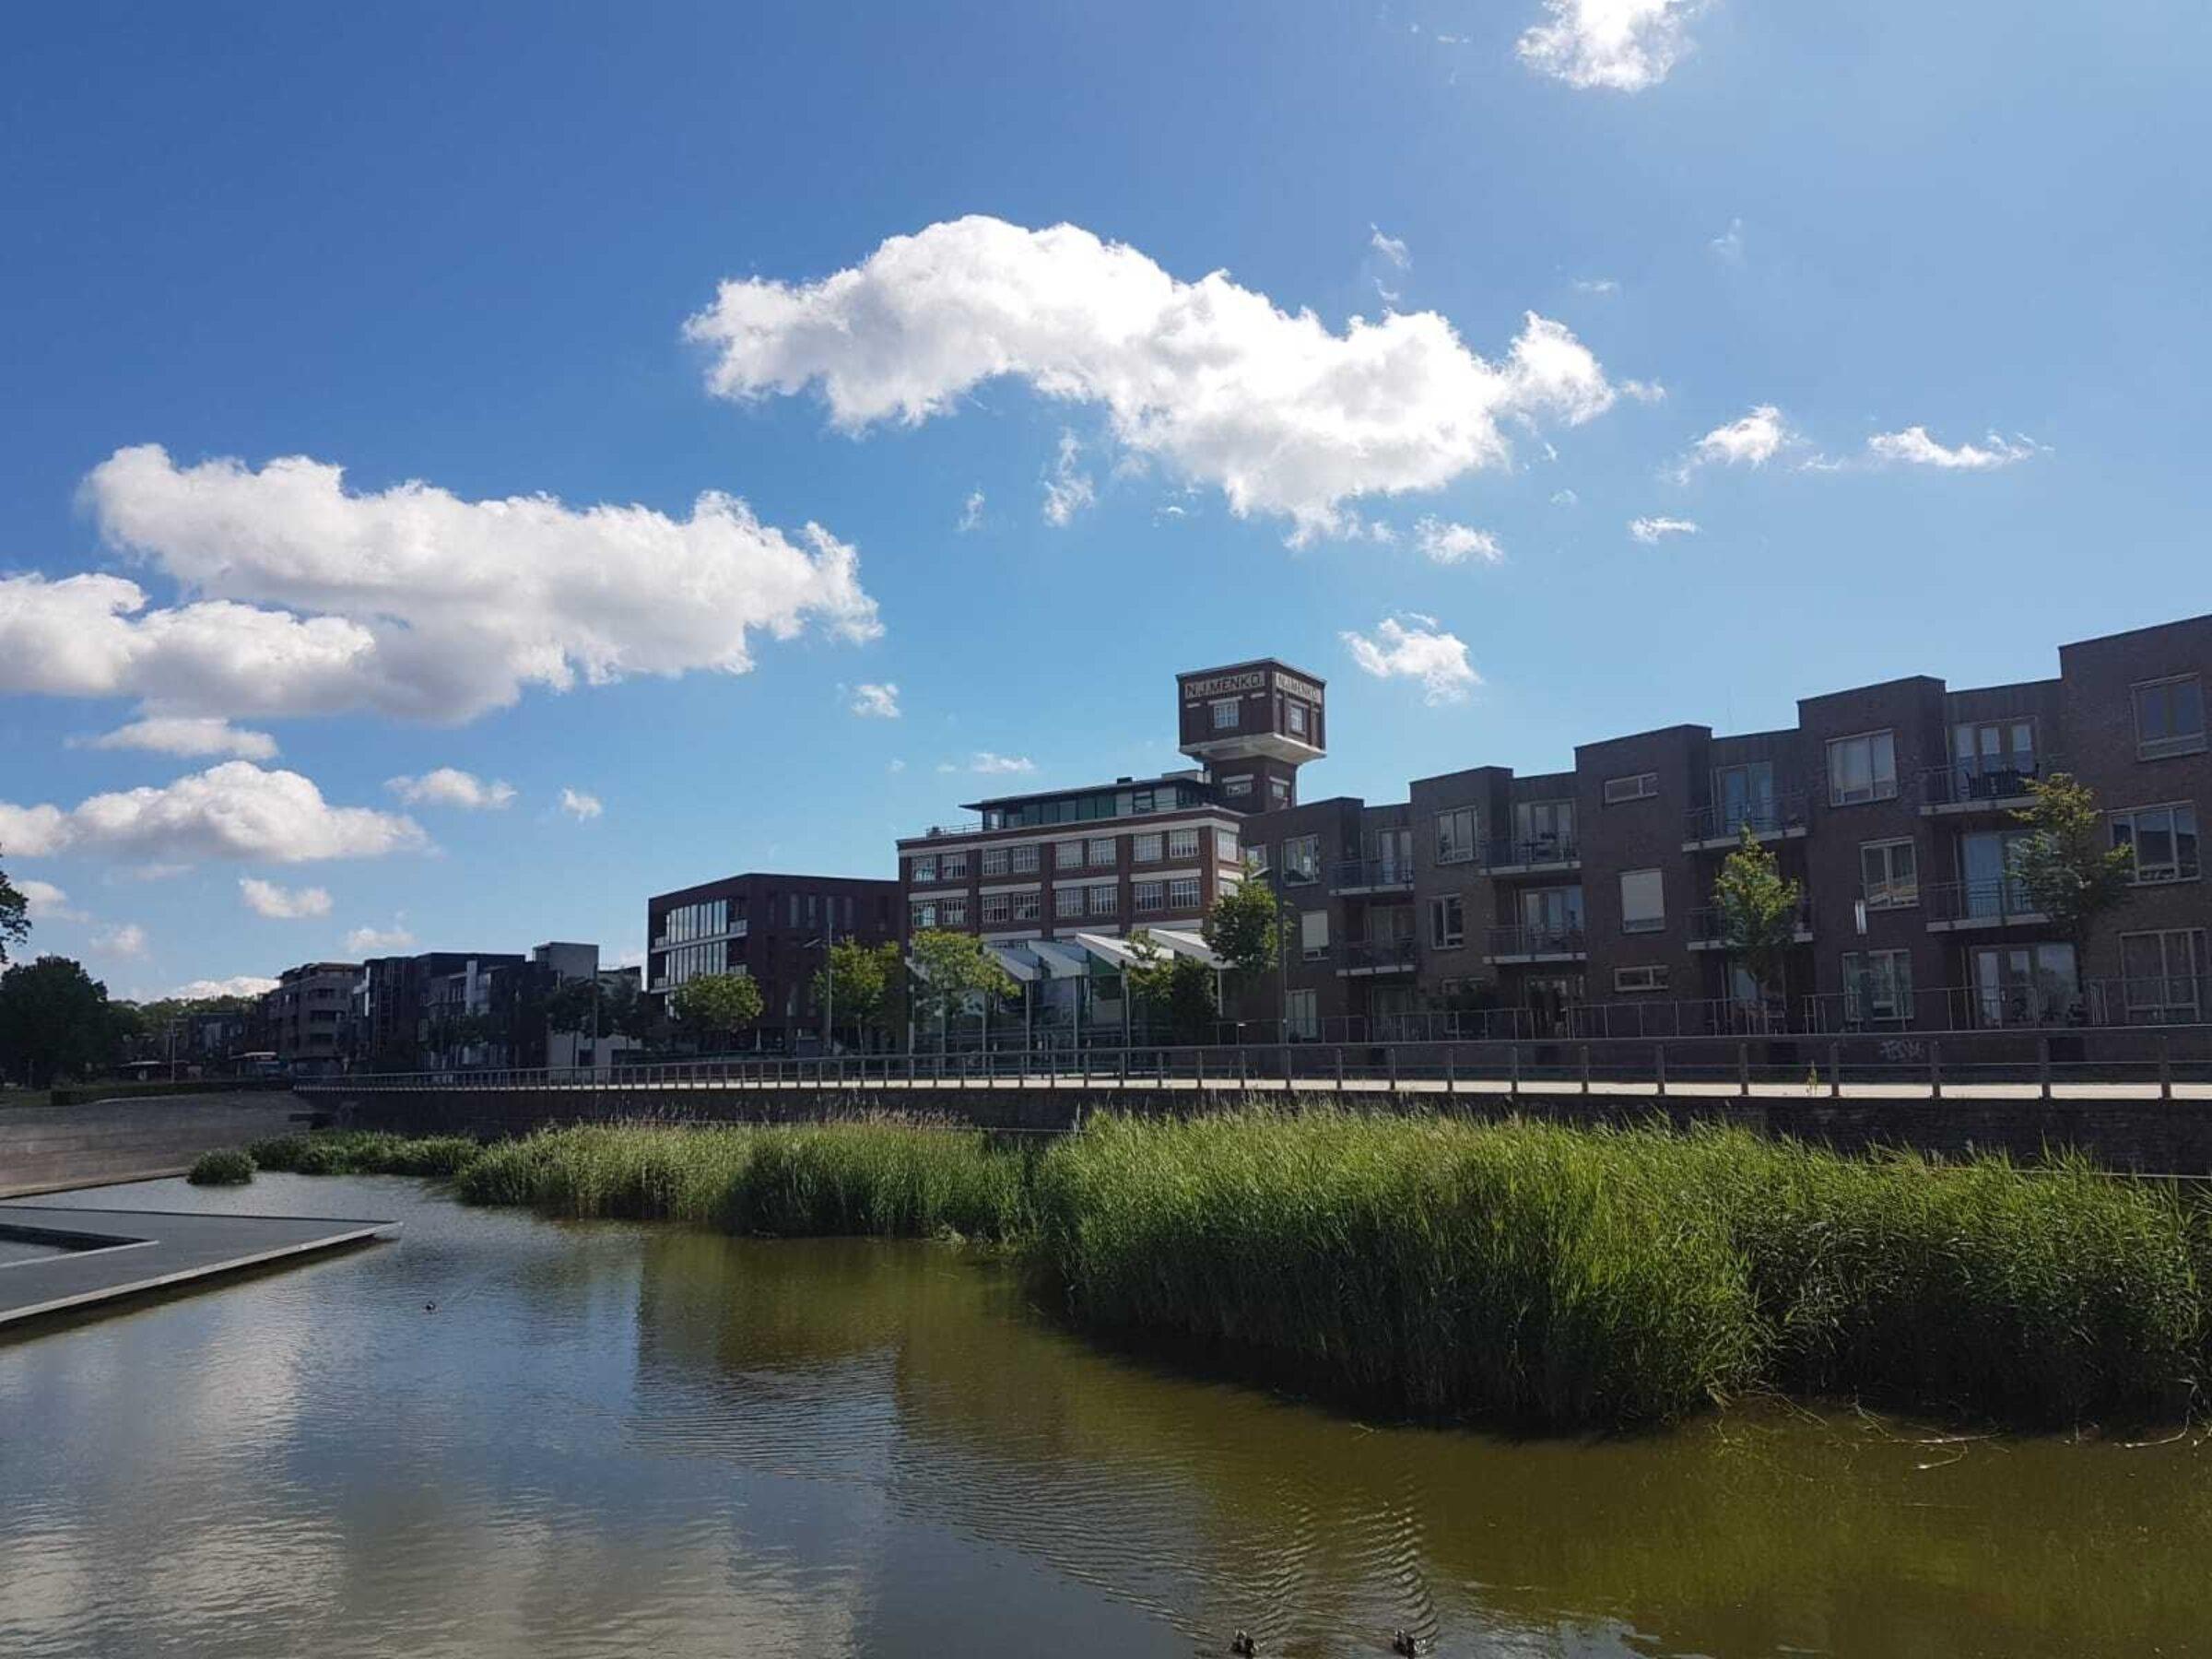 Roombeek Menko Watertoren Enschede